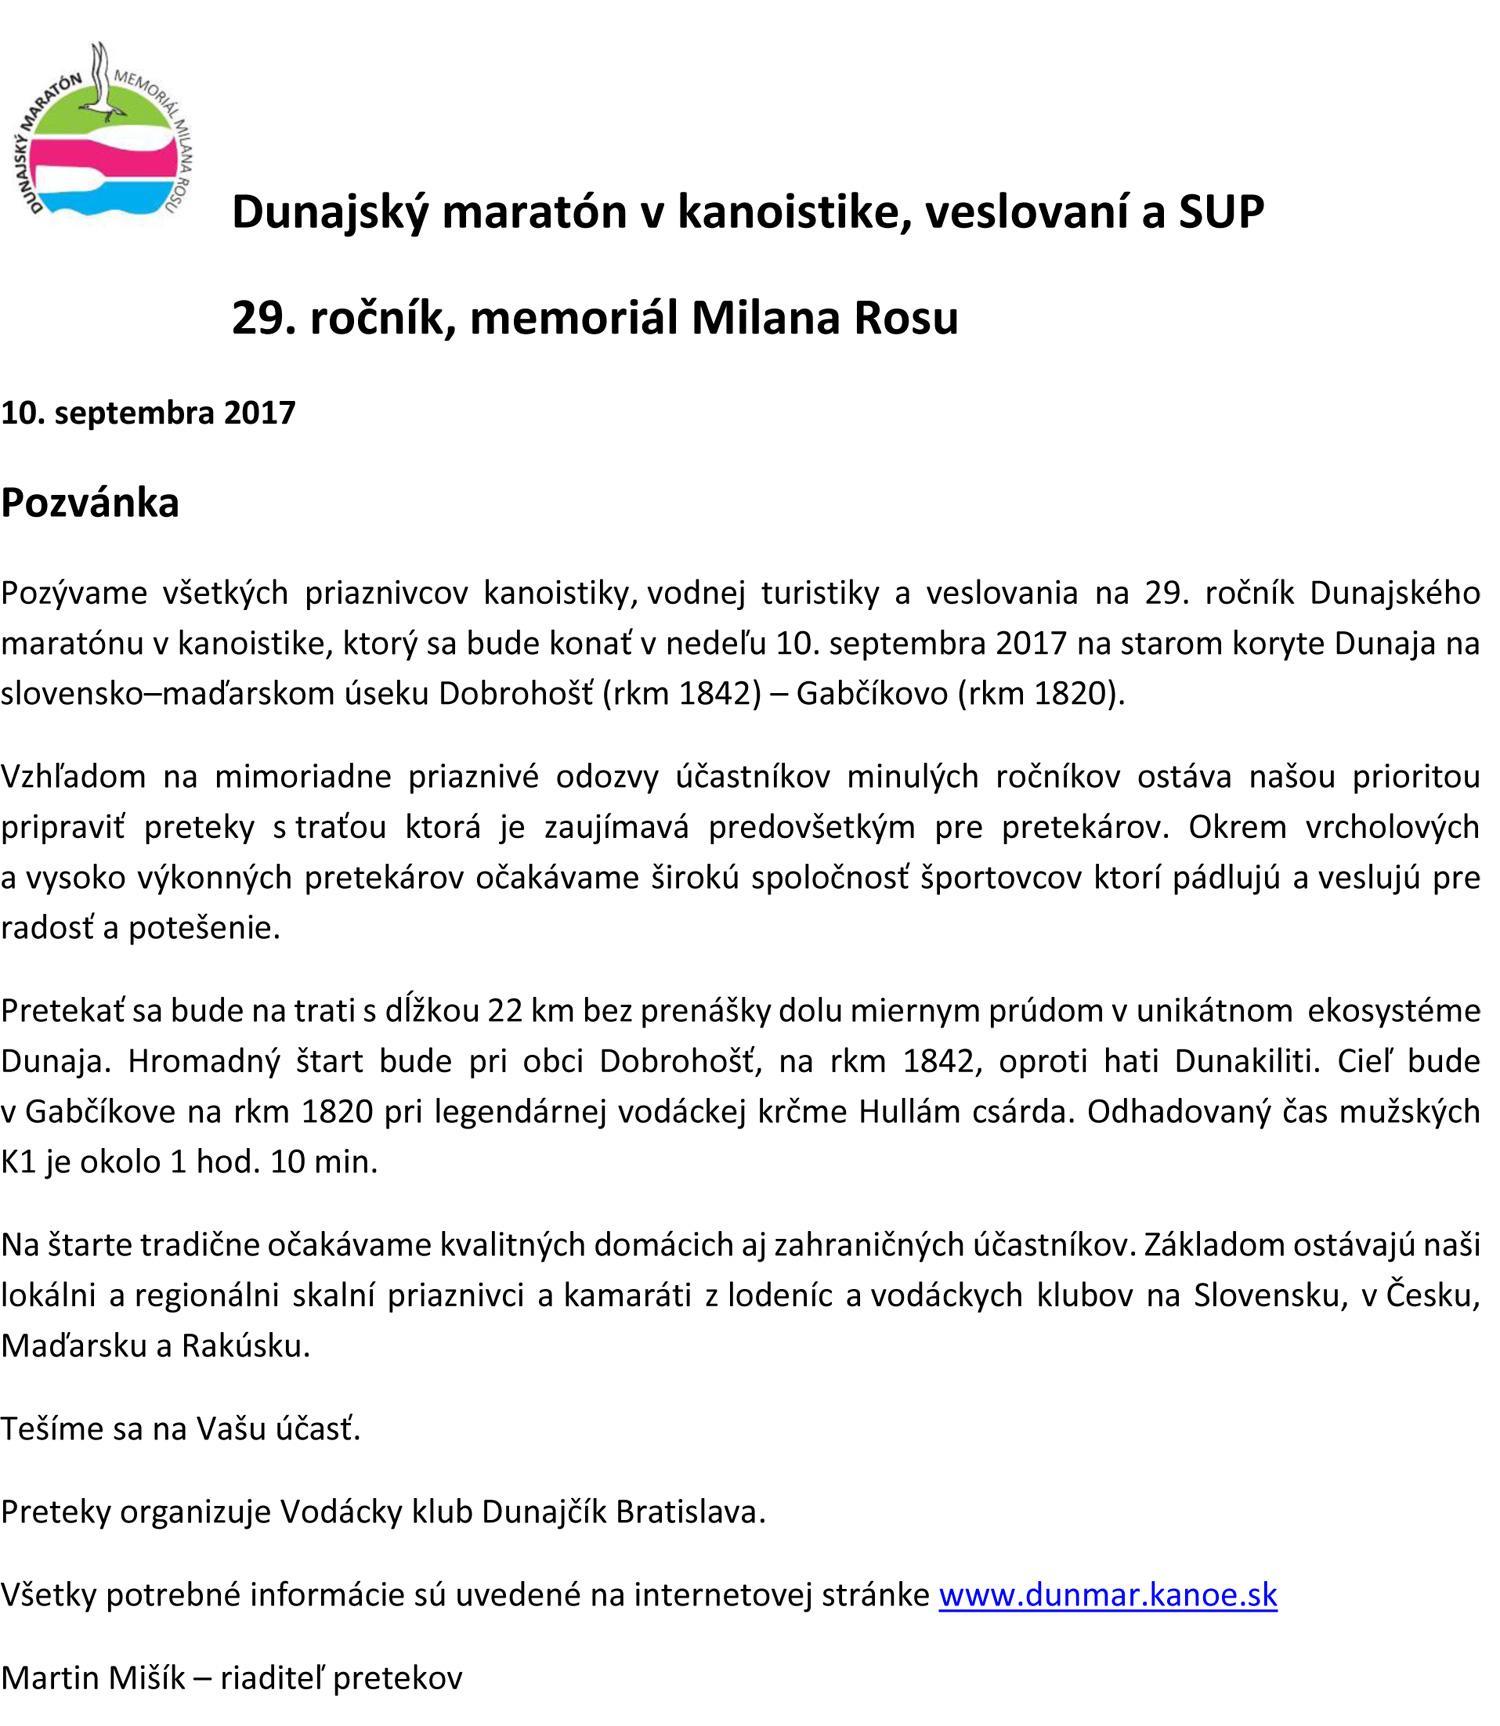 Pozvánka na Dunajský maratón 2017